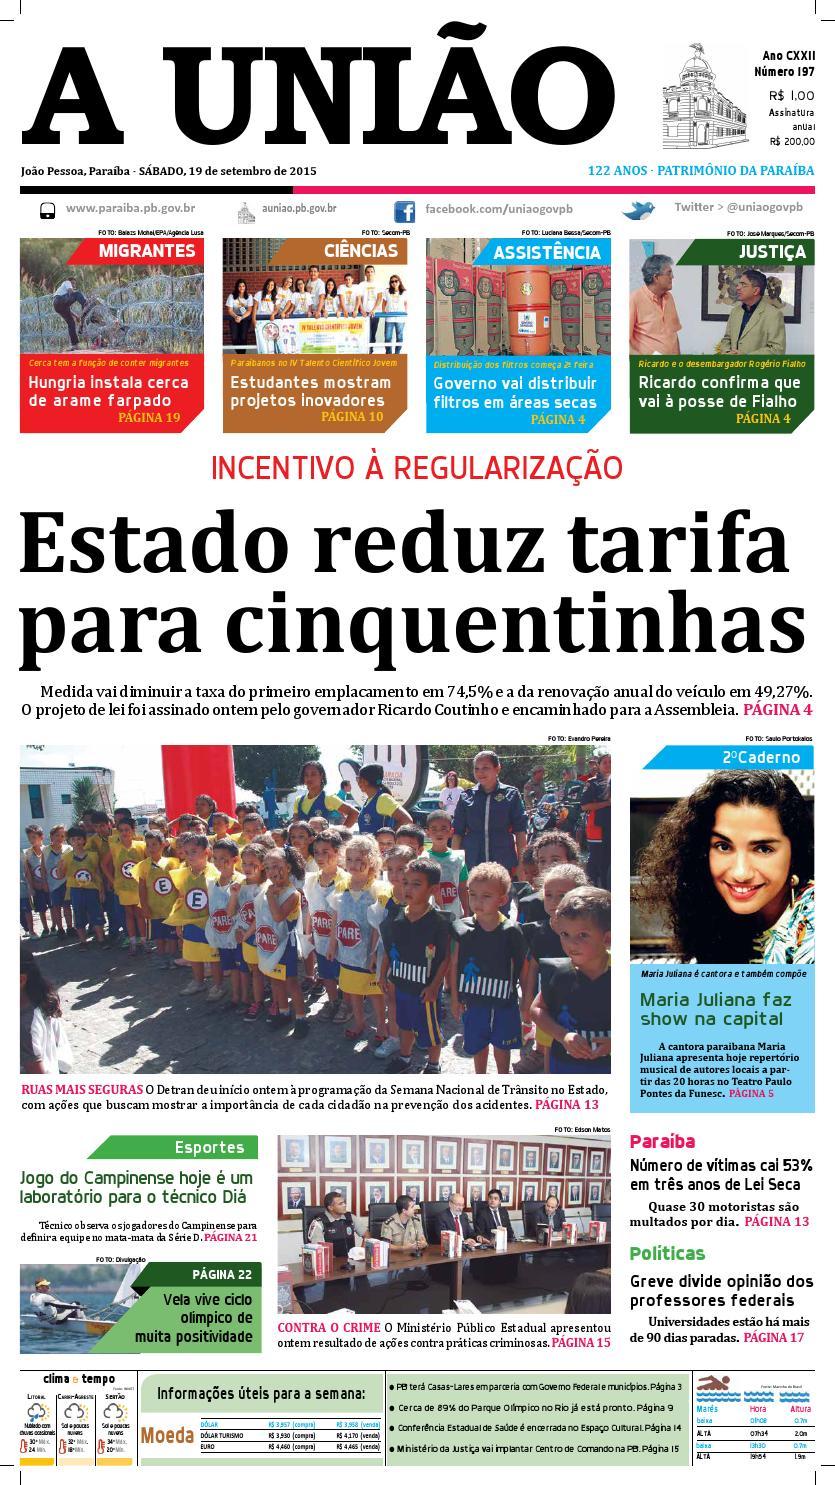 4f4c1b49e4a Jornal A União - 19 09 2015 by Jornal A União - issuu